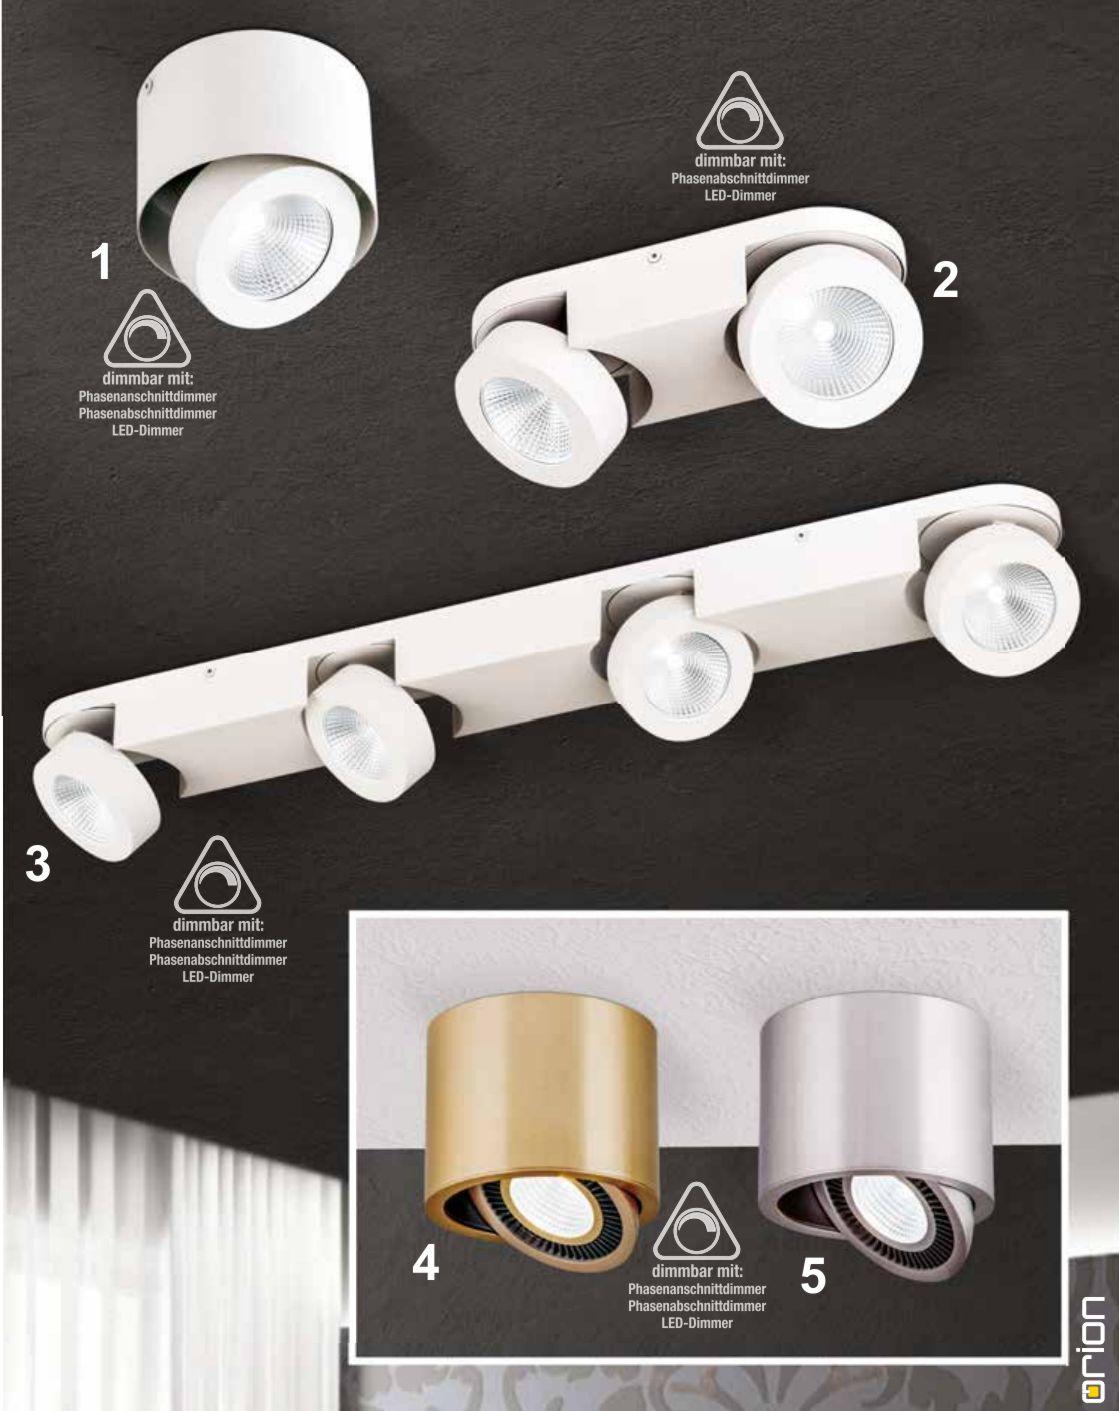 e leuchten: Strahler und Spots Meno + Luni LED Leuchten